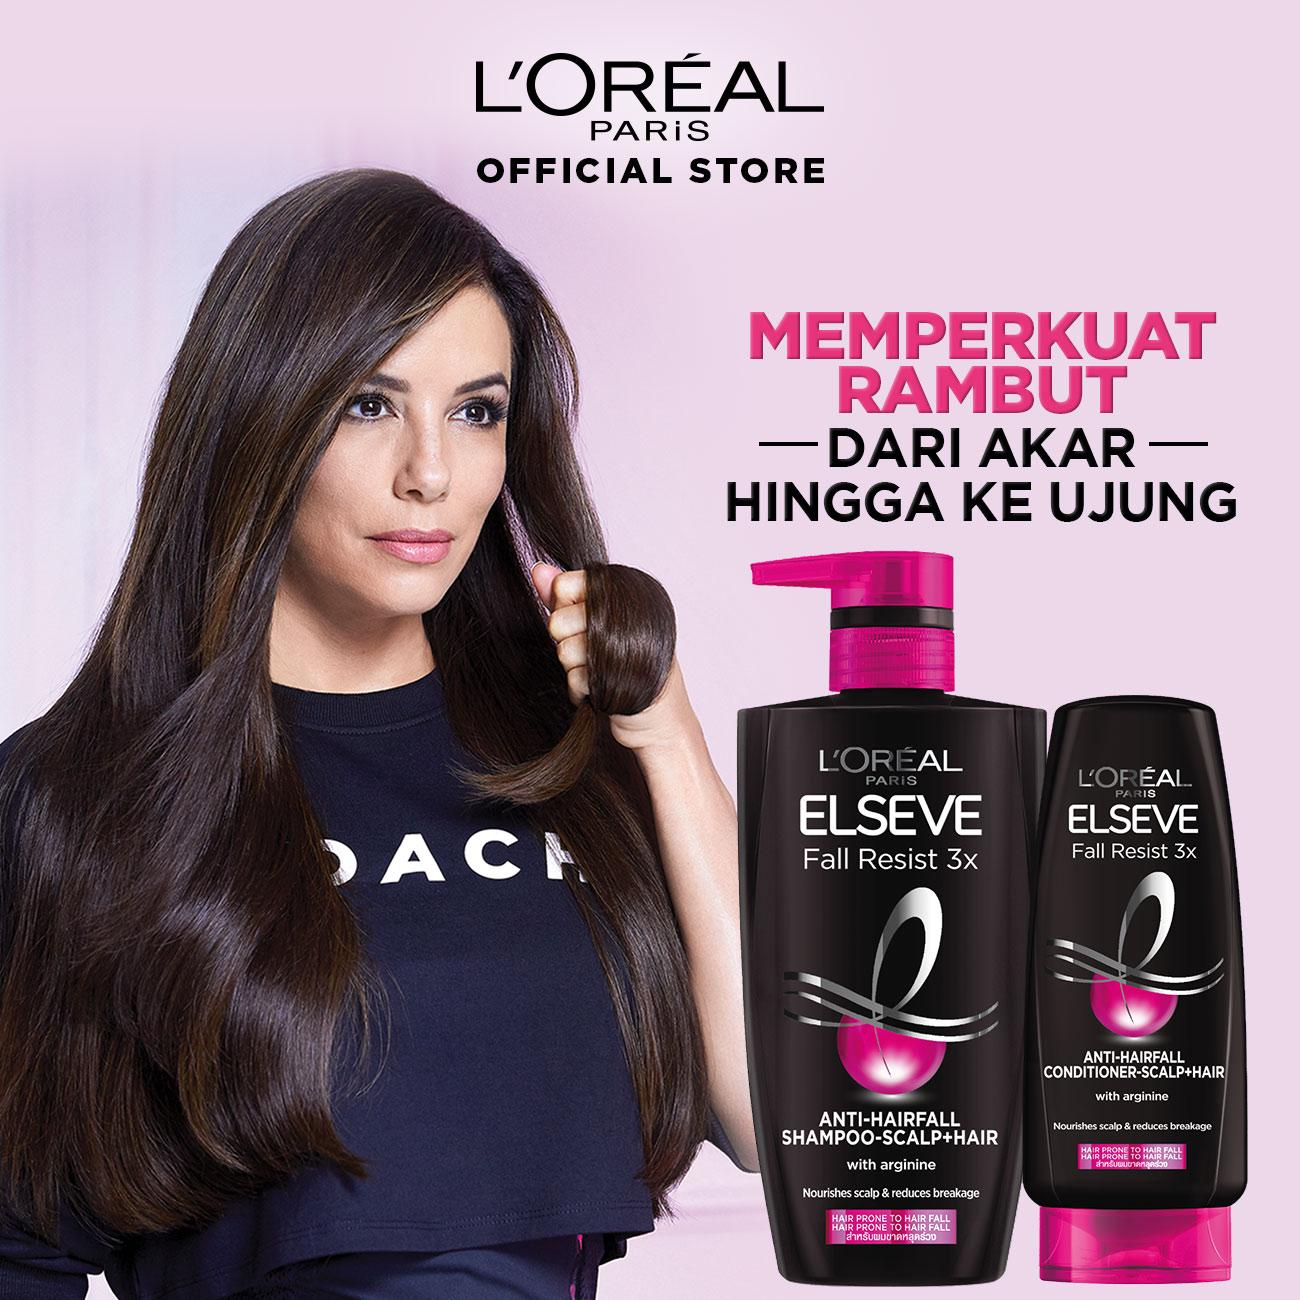 L'Oreal Paris Fall Resist 3x Shampoo Hair Care - 620 ml x3 Pcs (Perawatan Untuk Rambut Mudah Rontok)-2